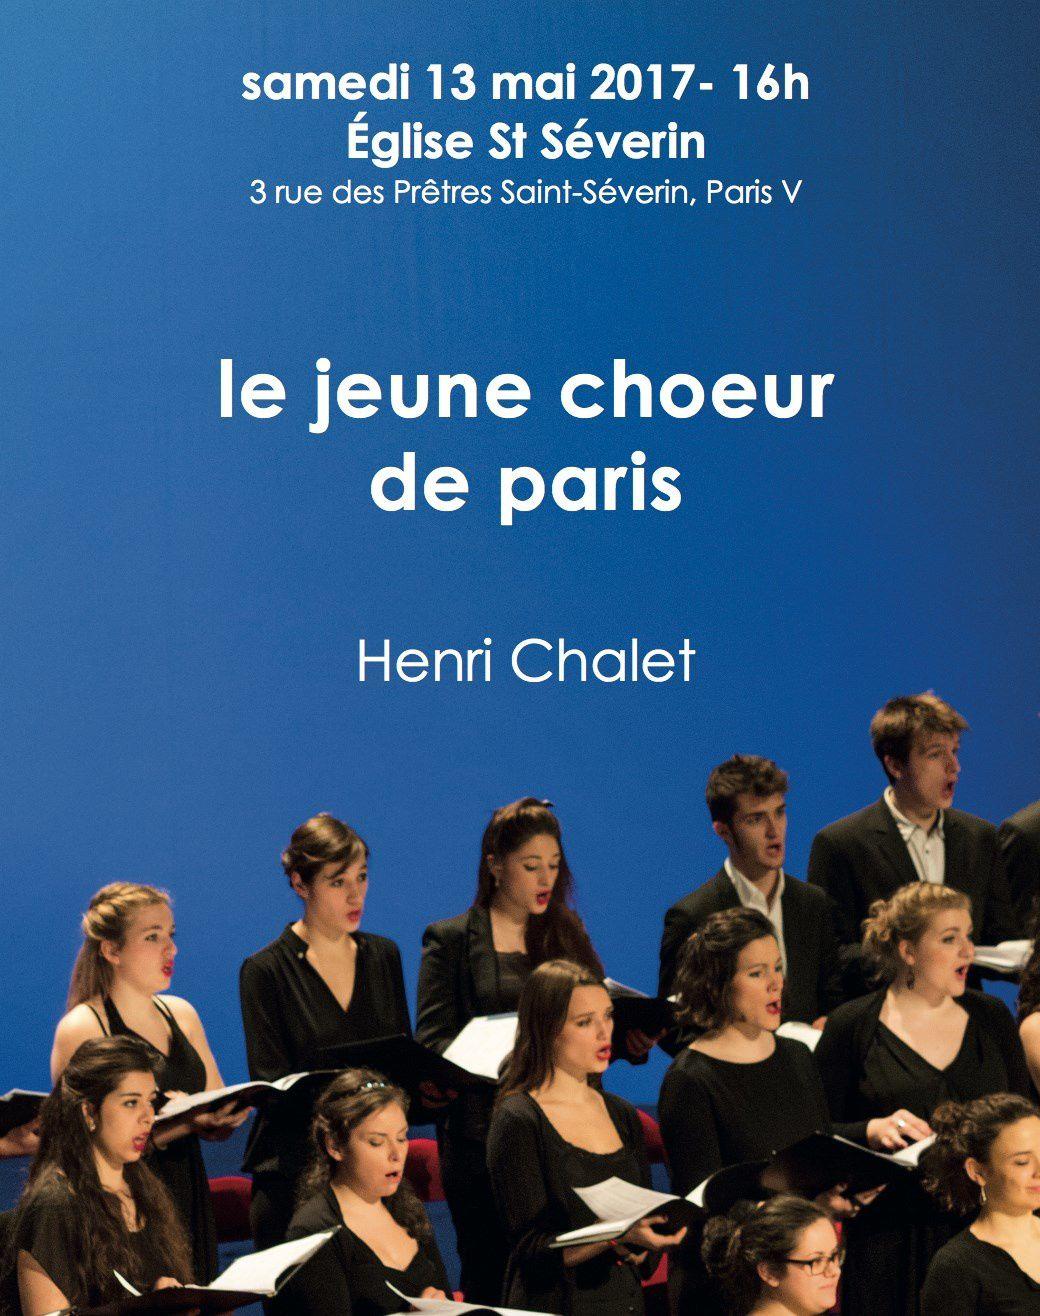 Concert à St Séverin